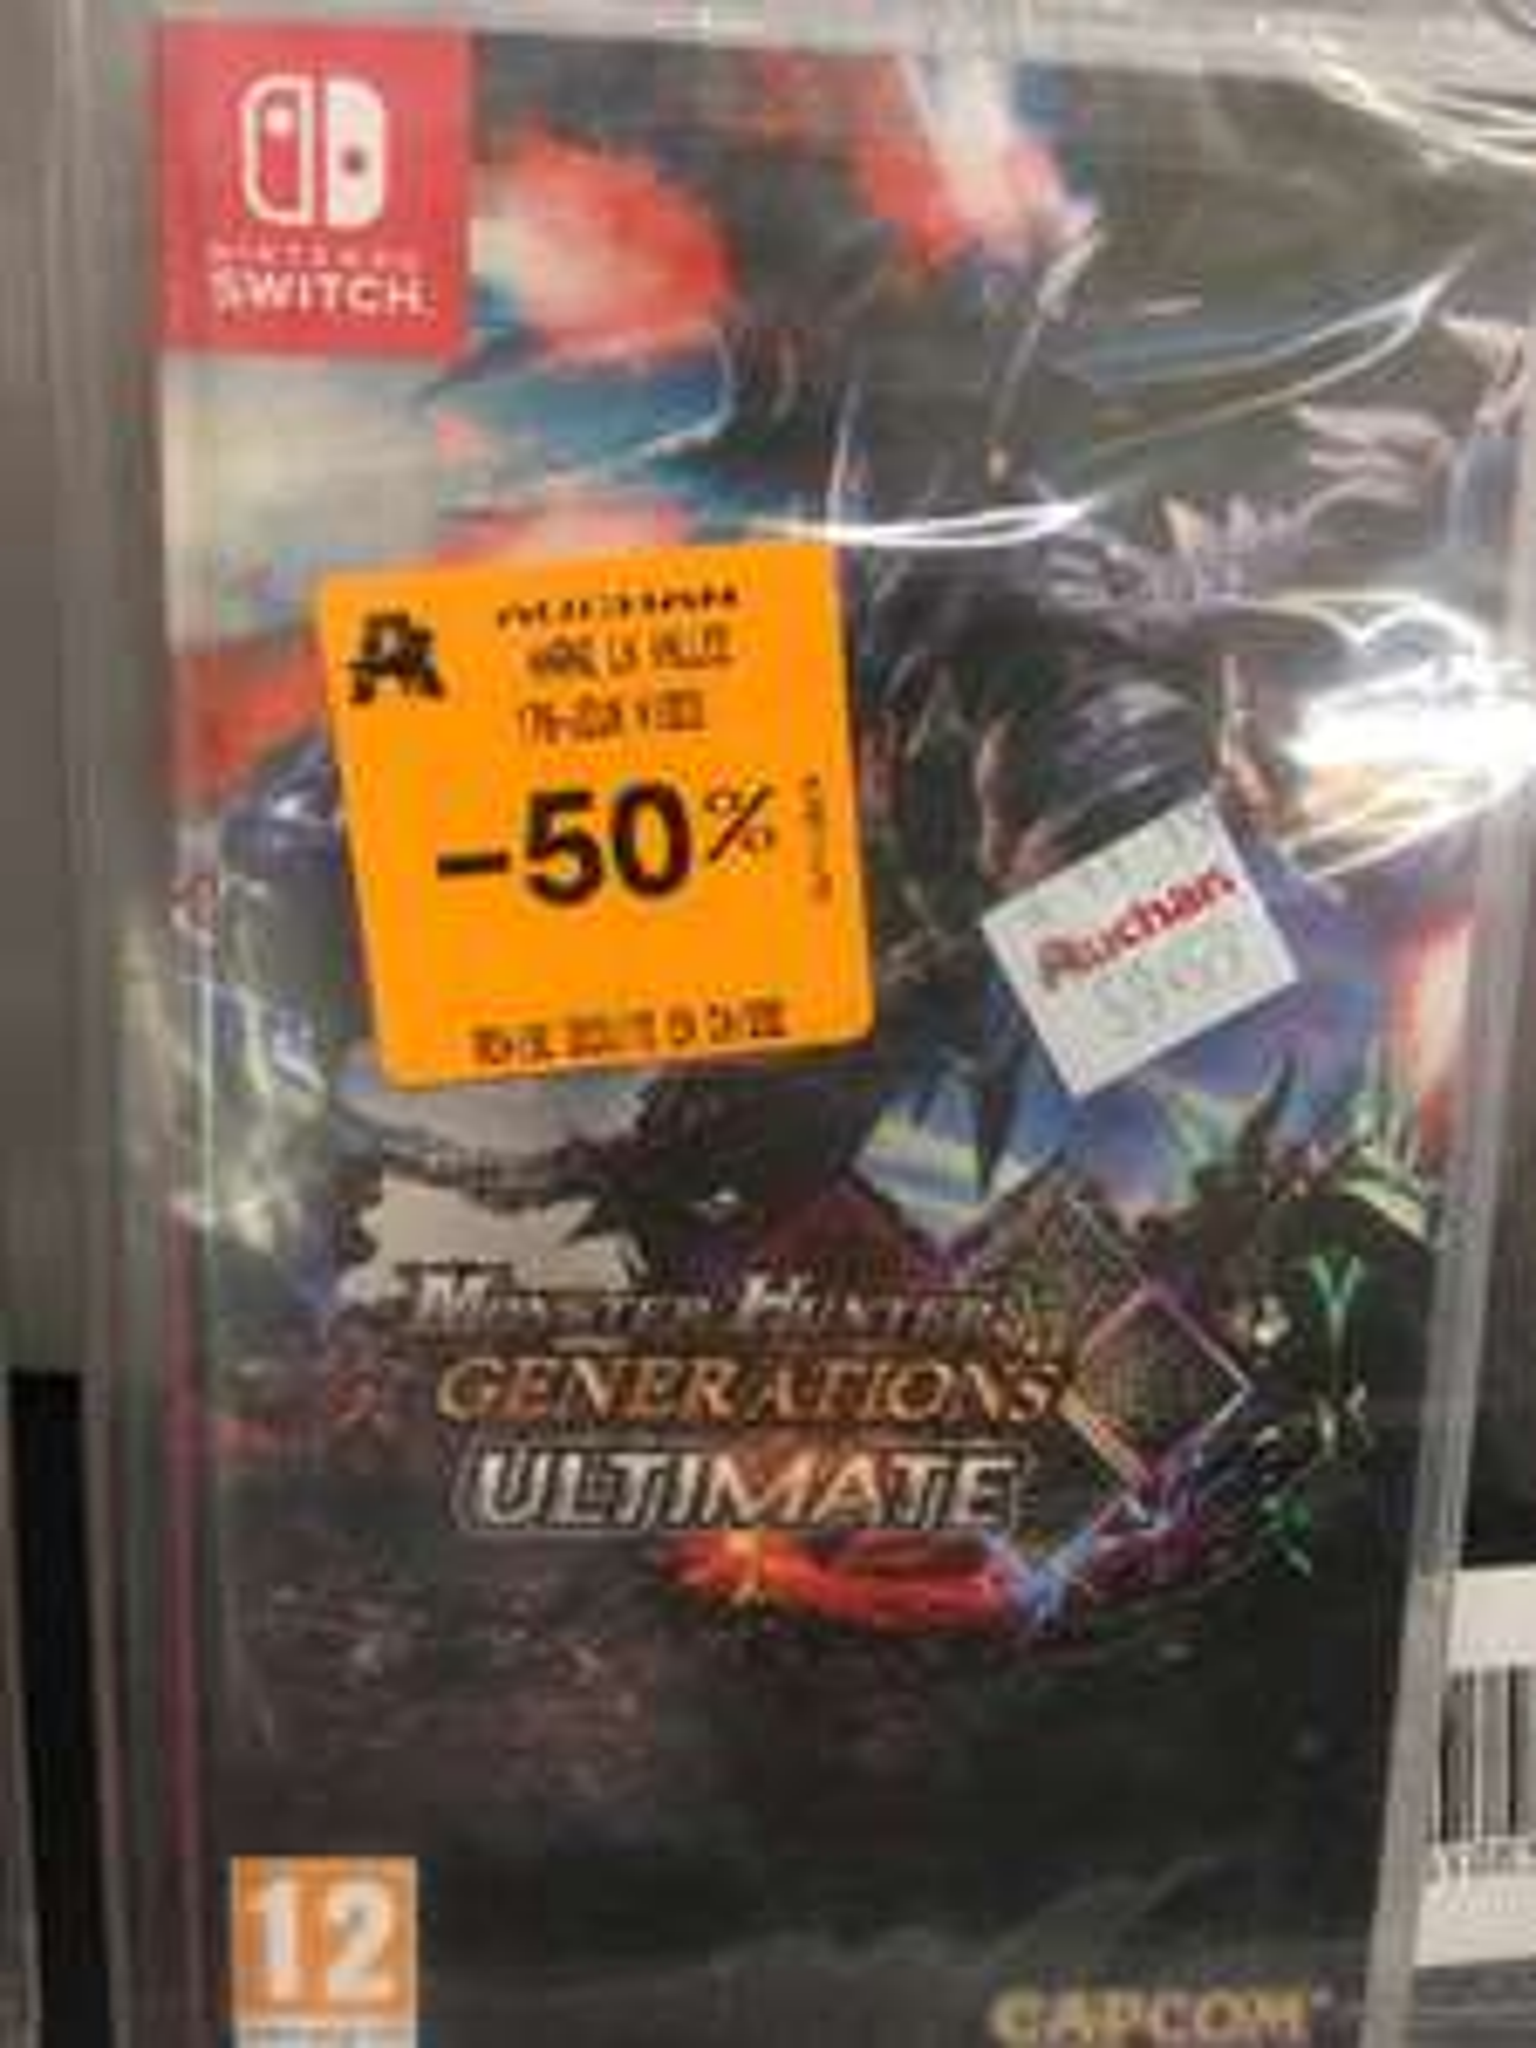 Sélection de jeux vidéo en promotion - Ex : Monster Hunter Generations Ultimate (Auchan val d'Europe 77)